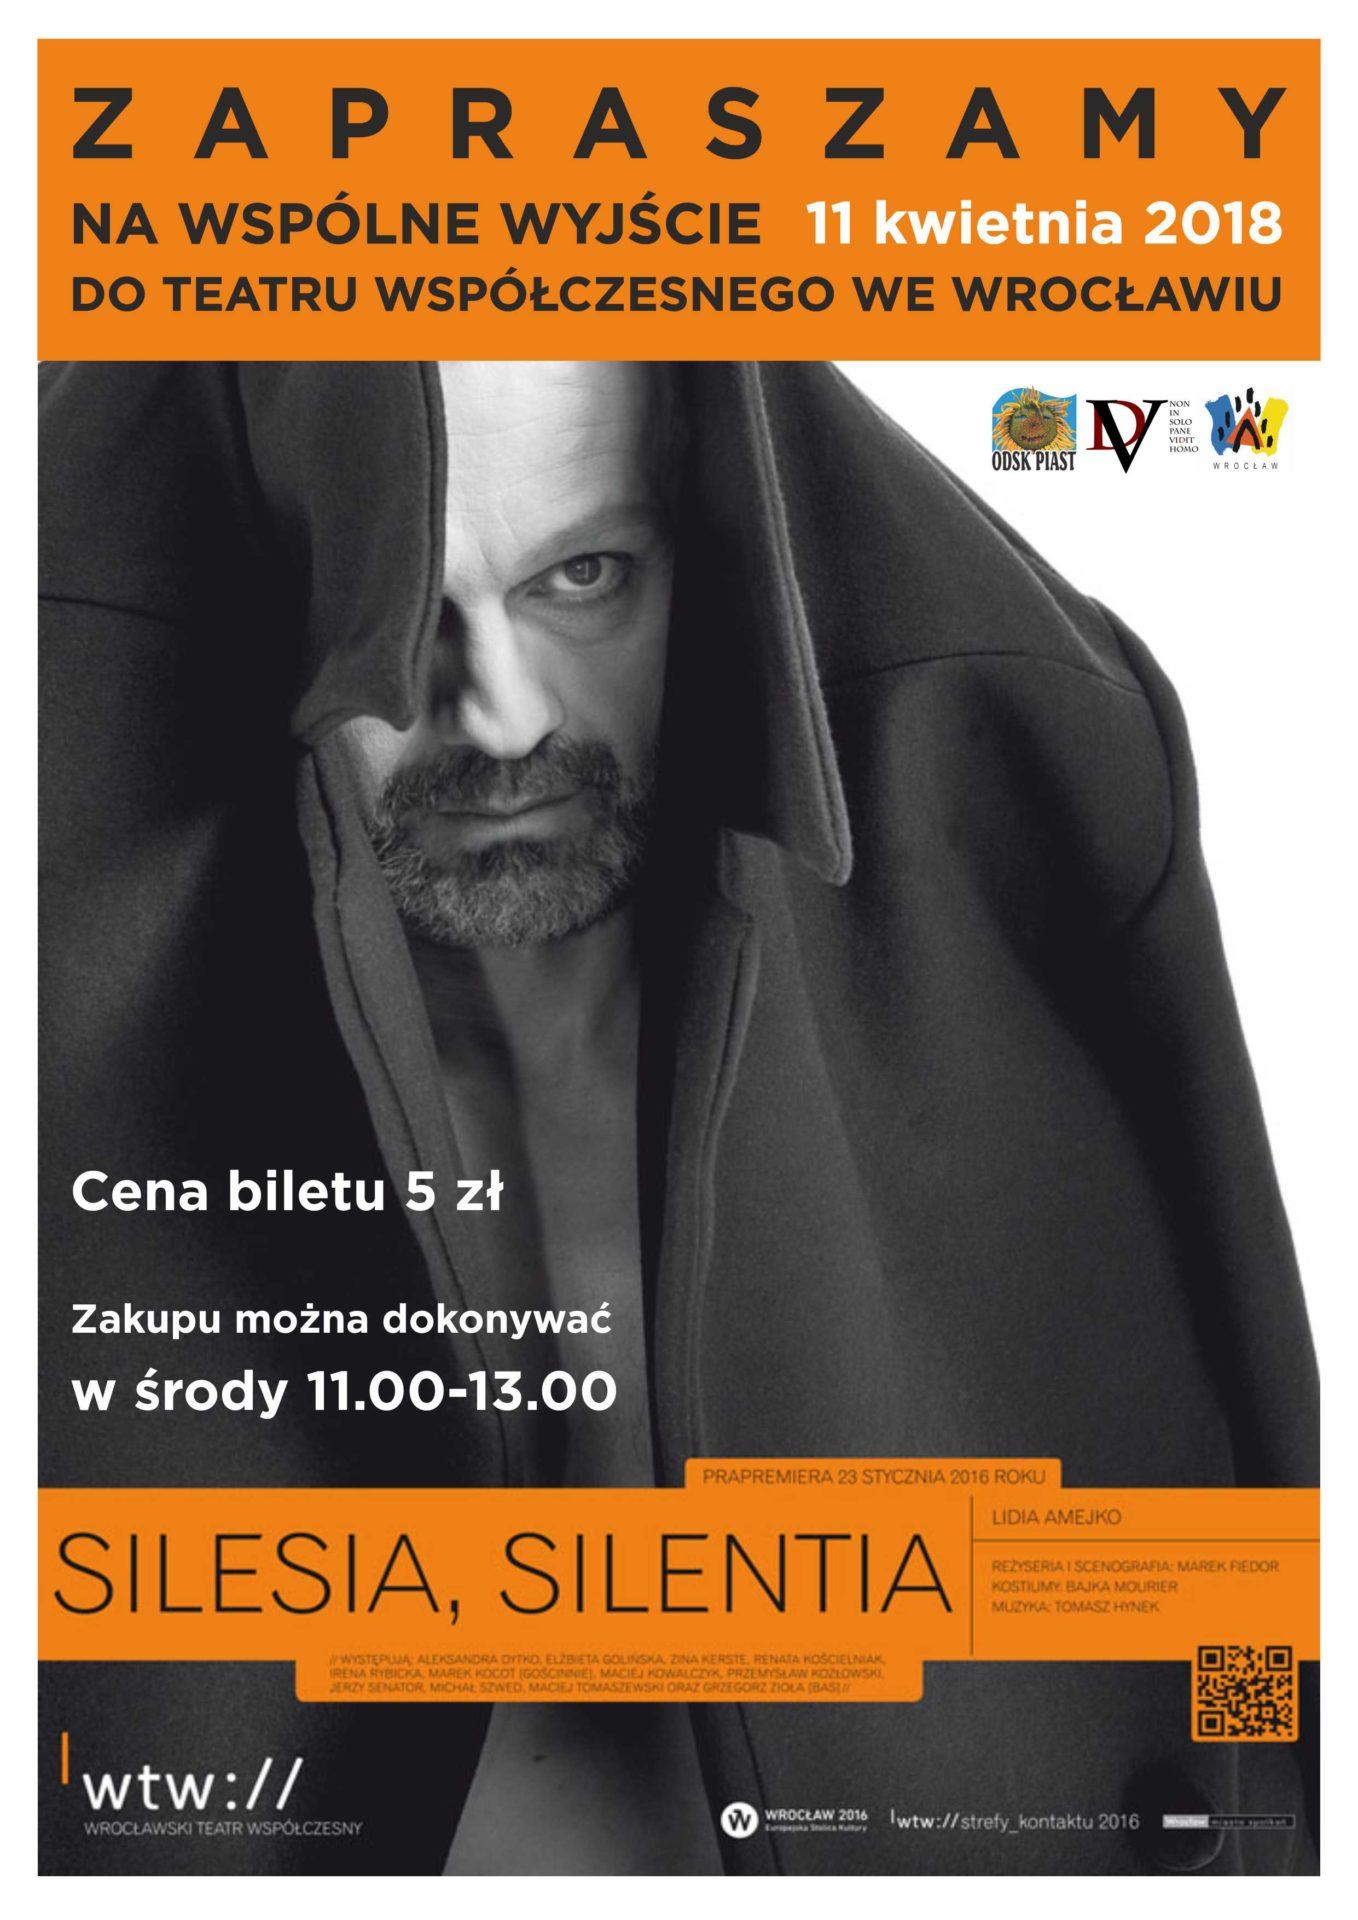 Silesia, silentia